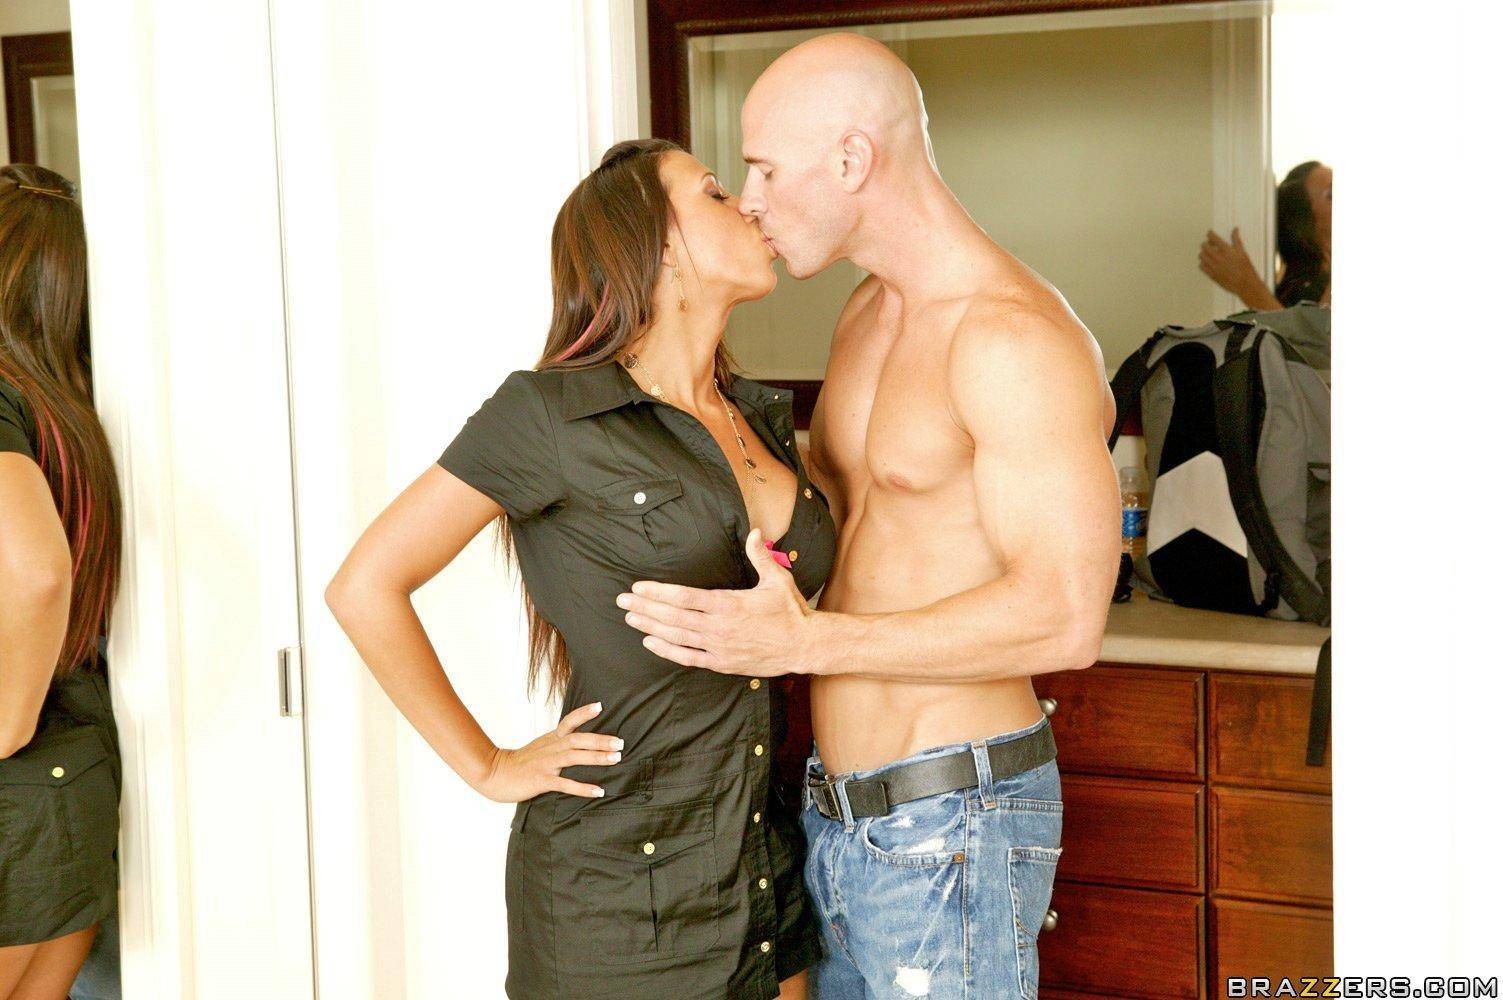 Жена трахается с другом мужа домашнее порно